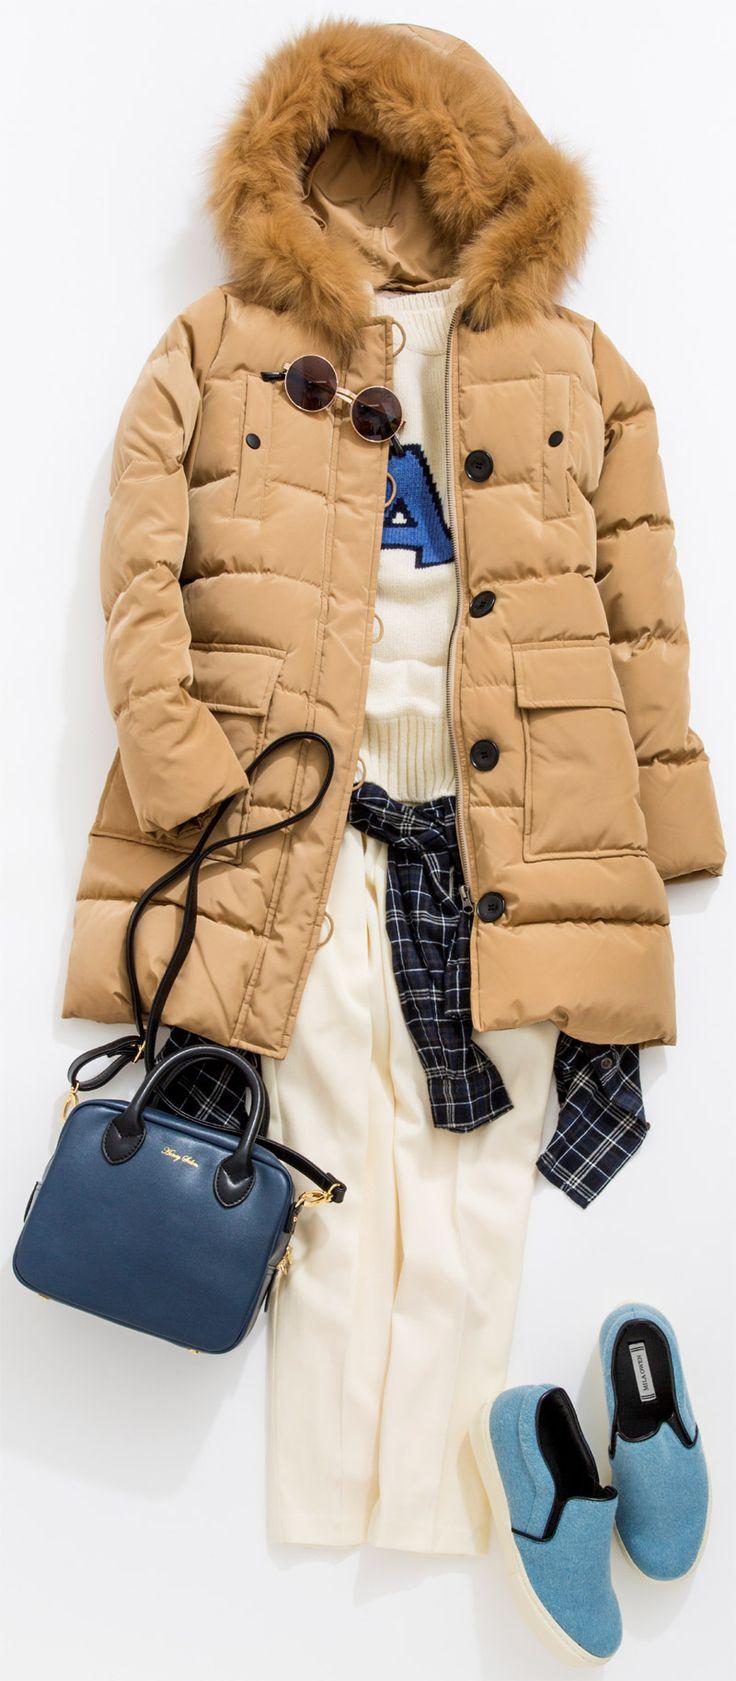 ベーシックカジュアルに合うダウンコートは? 寒さが増してきた今週は、ルミネ新宿からダウンコートの着こなしをレッスン。人気スタイリスト田沼智美さんがシンプルでかわいいをテーマに、毎日のコーディネートに役立つアドバイスをお伝えします。